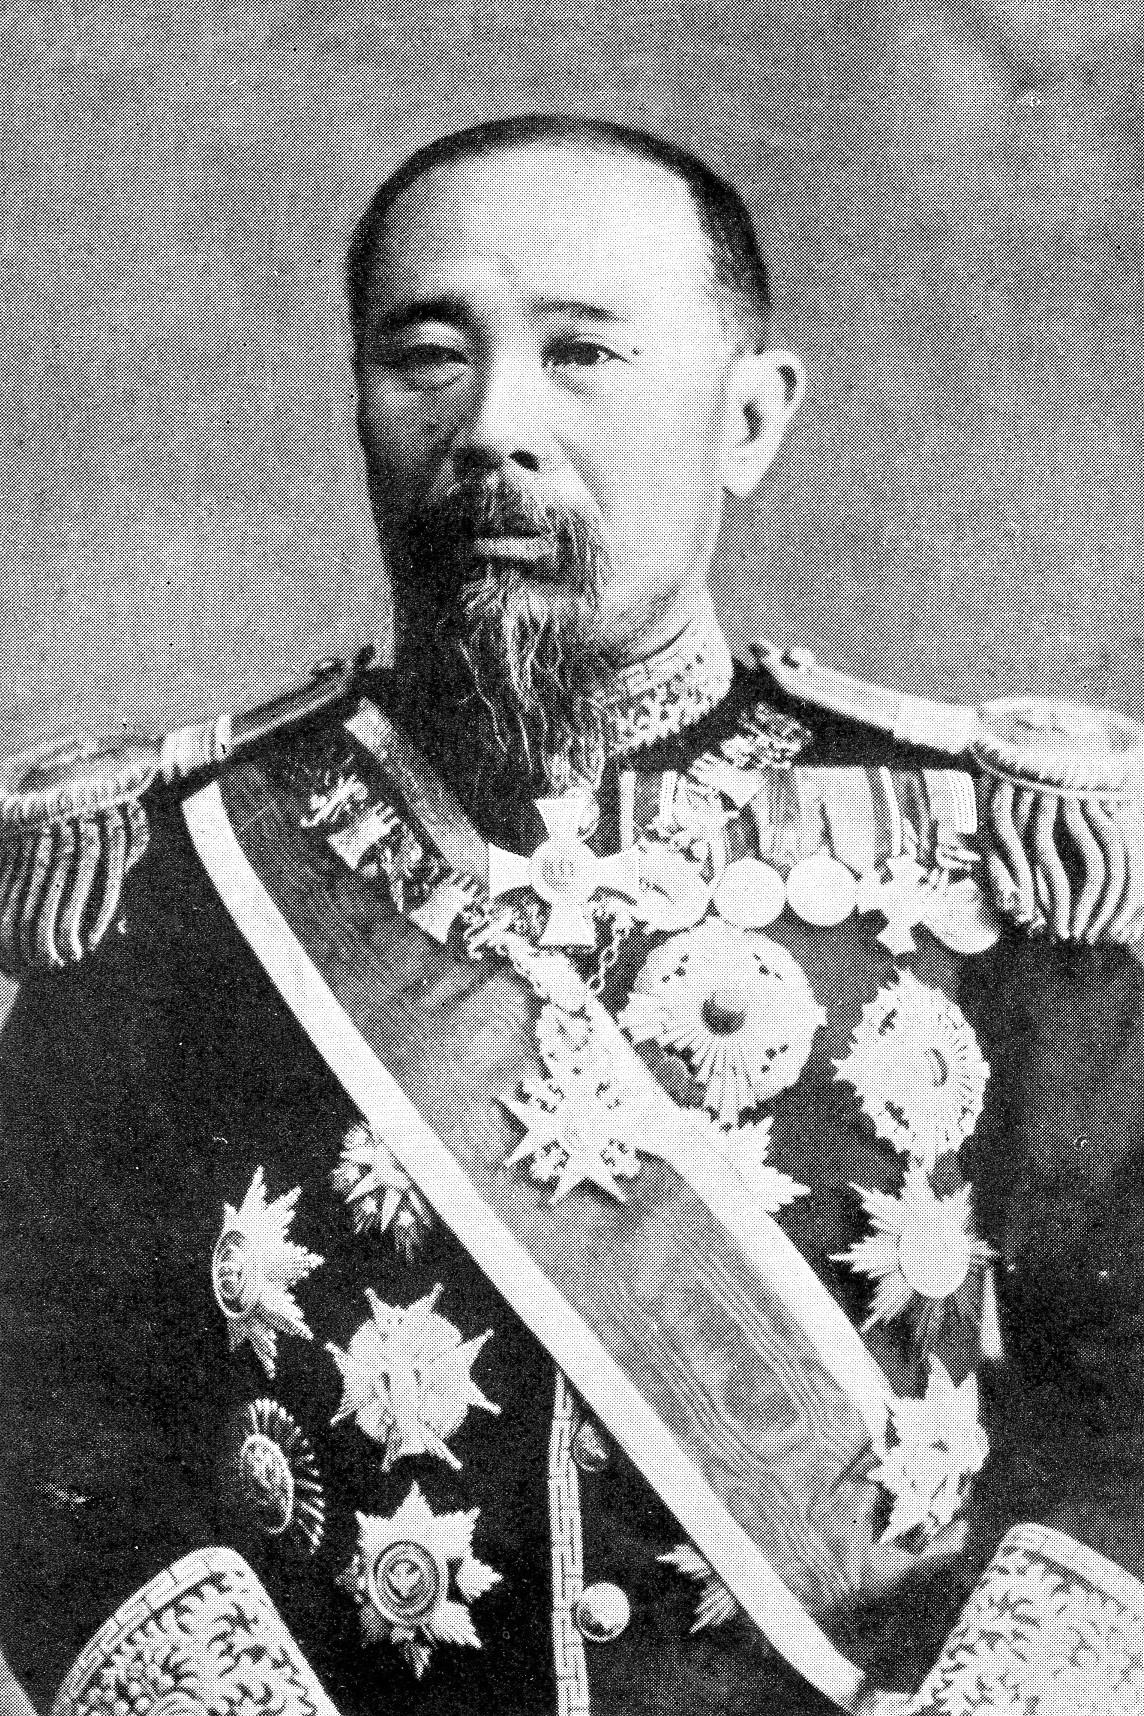 The Meiji Restoration and Modernization